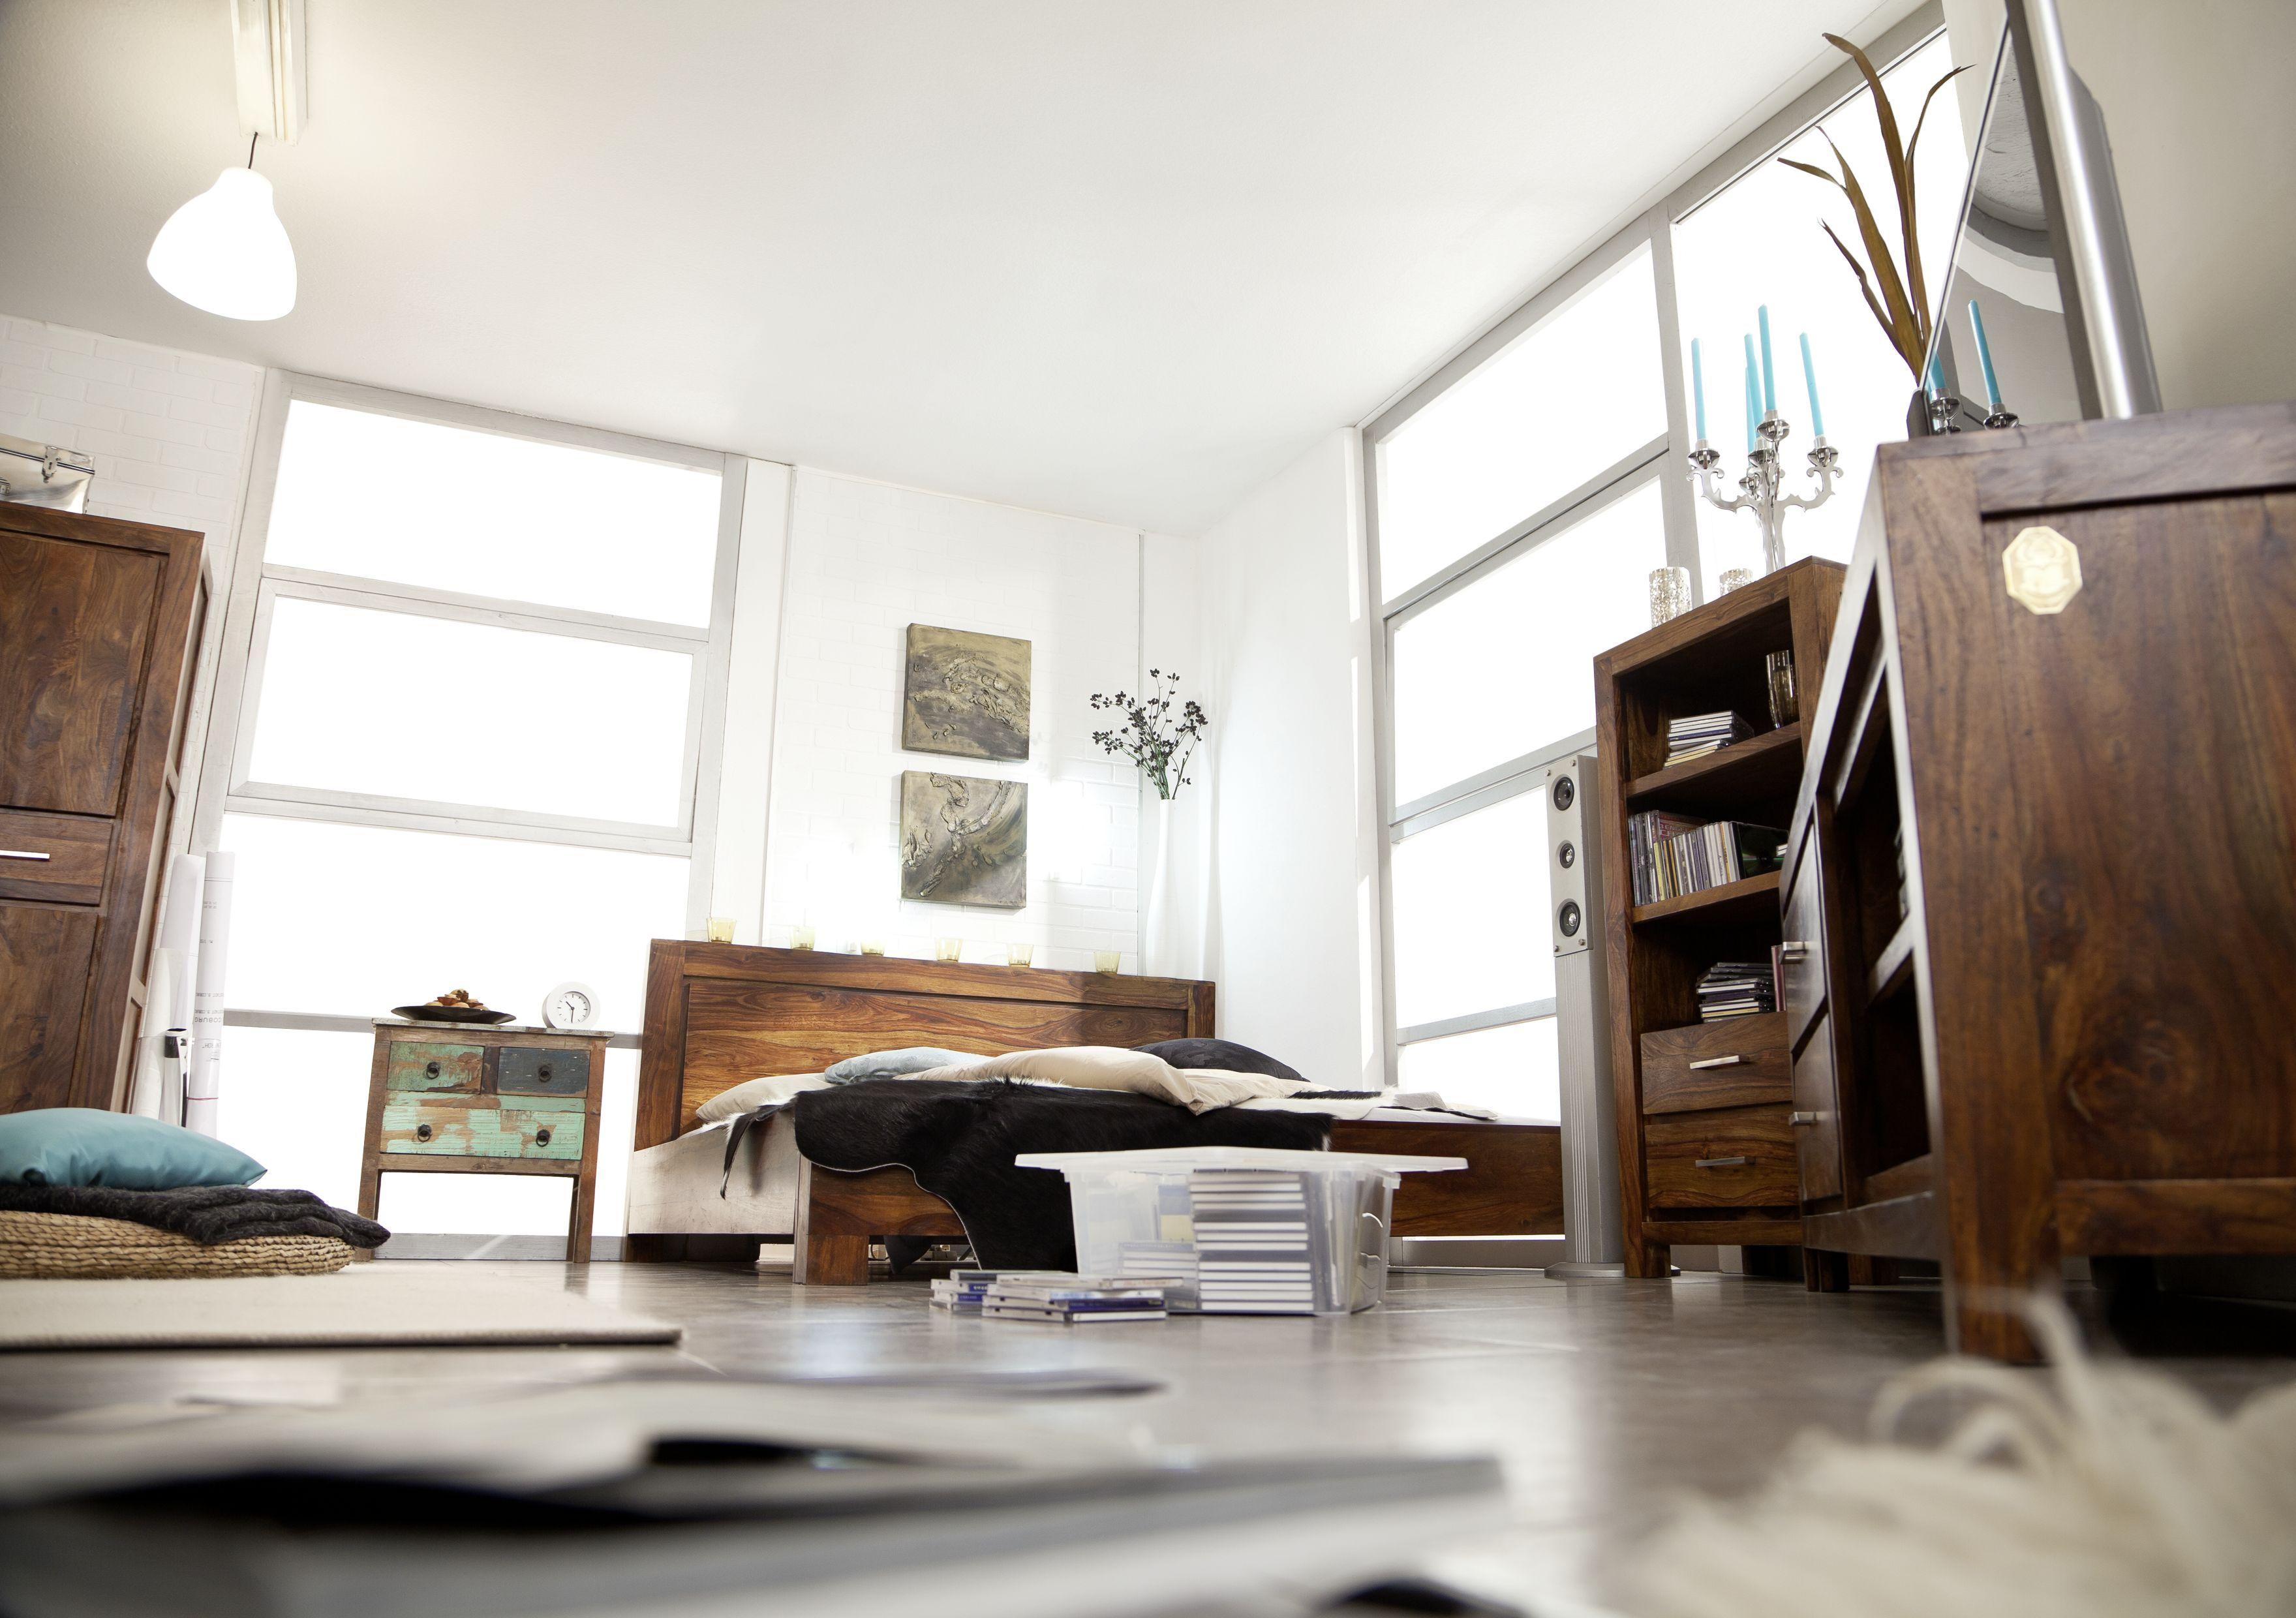 Möbel Palisander Versandfrei Kaufen Massivmoebel24 Bett Modern Haus Inneneinrichtung